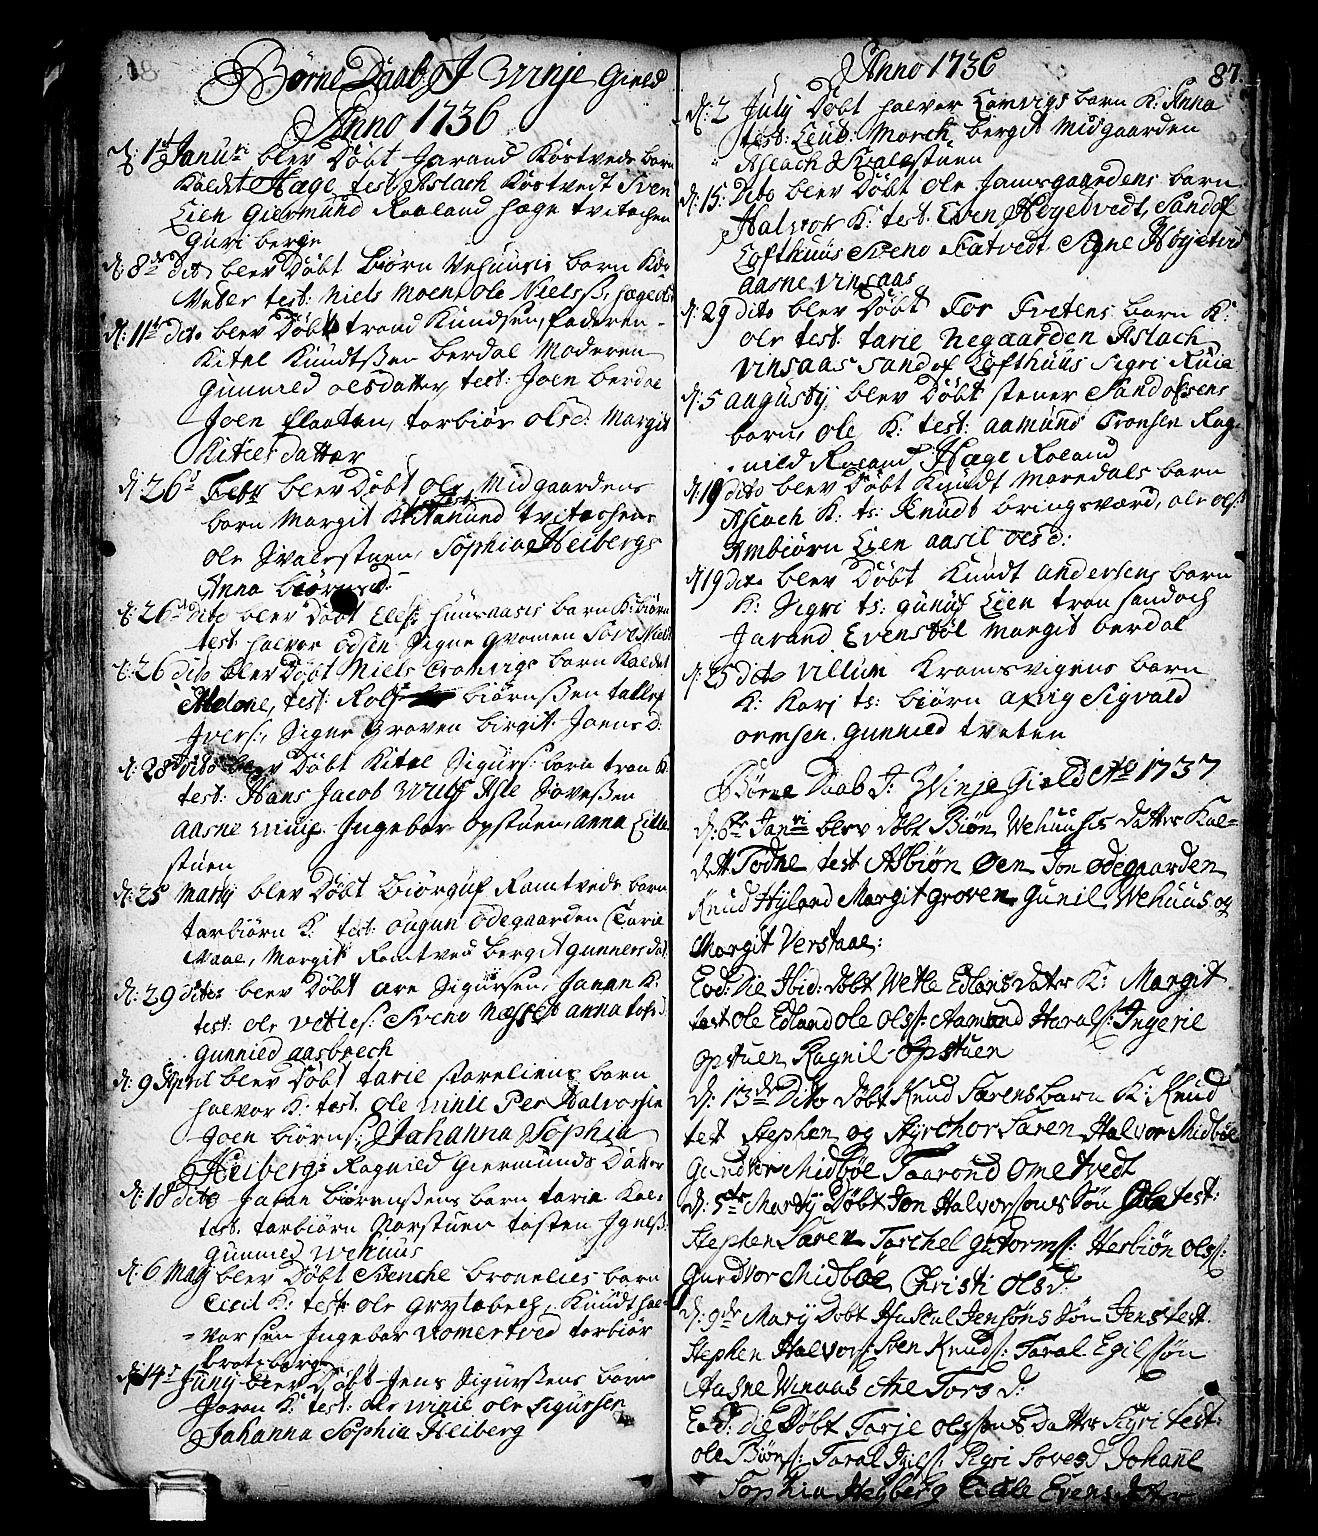 SAKO, Vinje kirkebøker, F/Fa/L0001: Ministerialbok nr. I 1, 1717-1766, s. 87